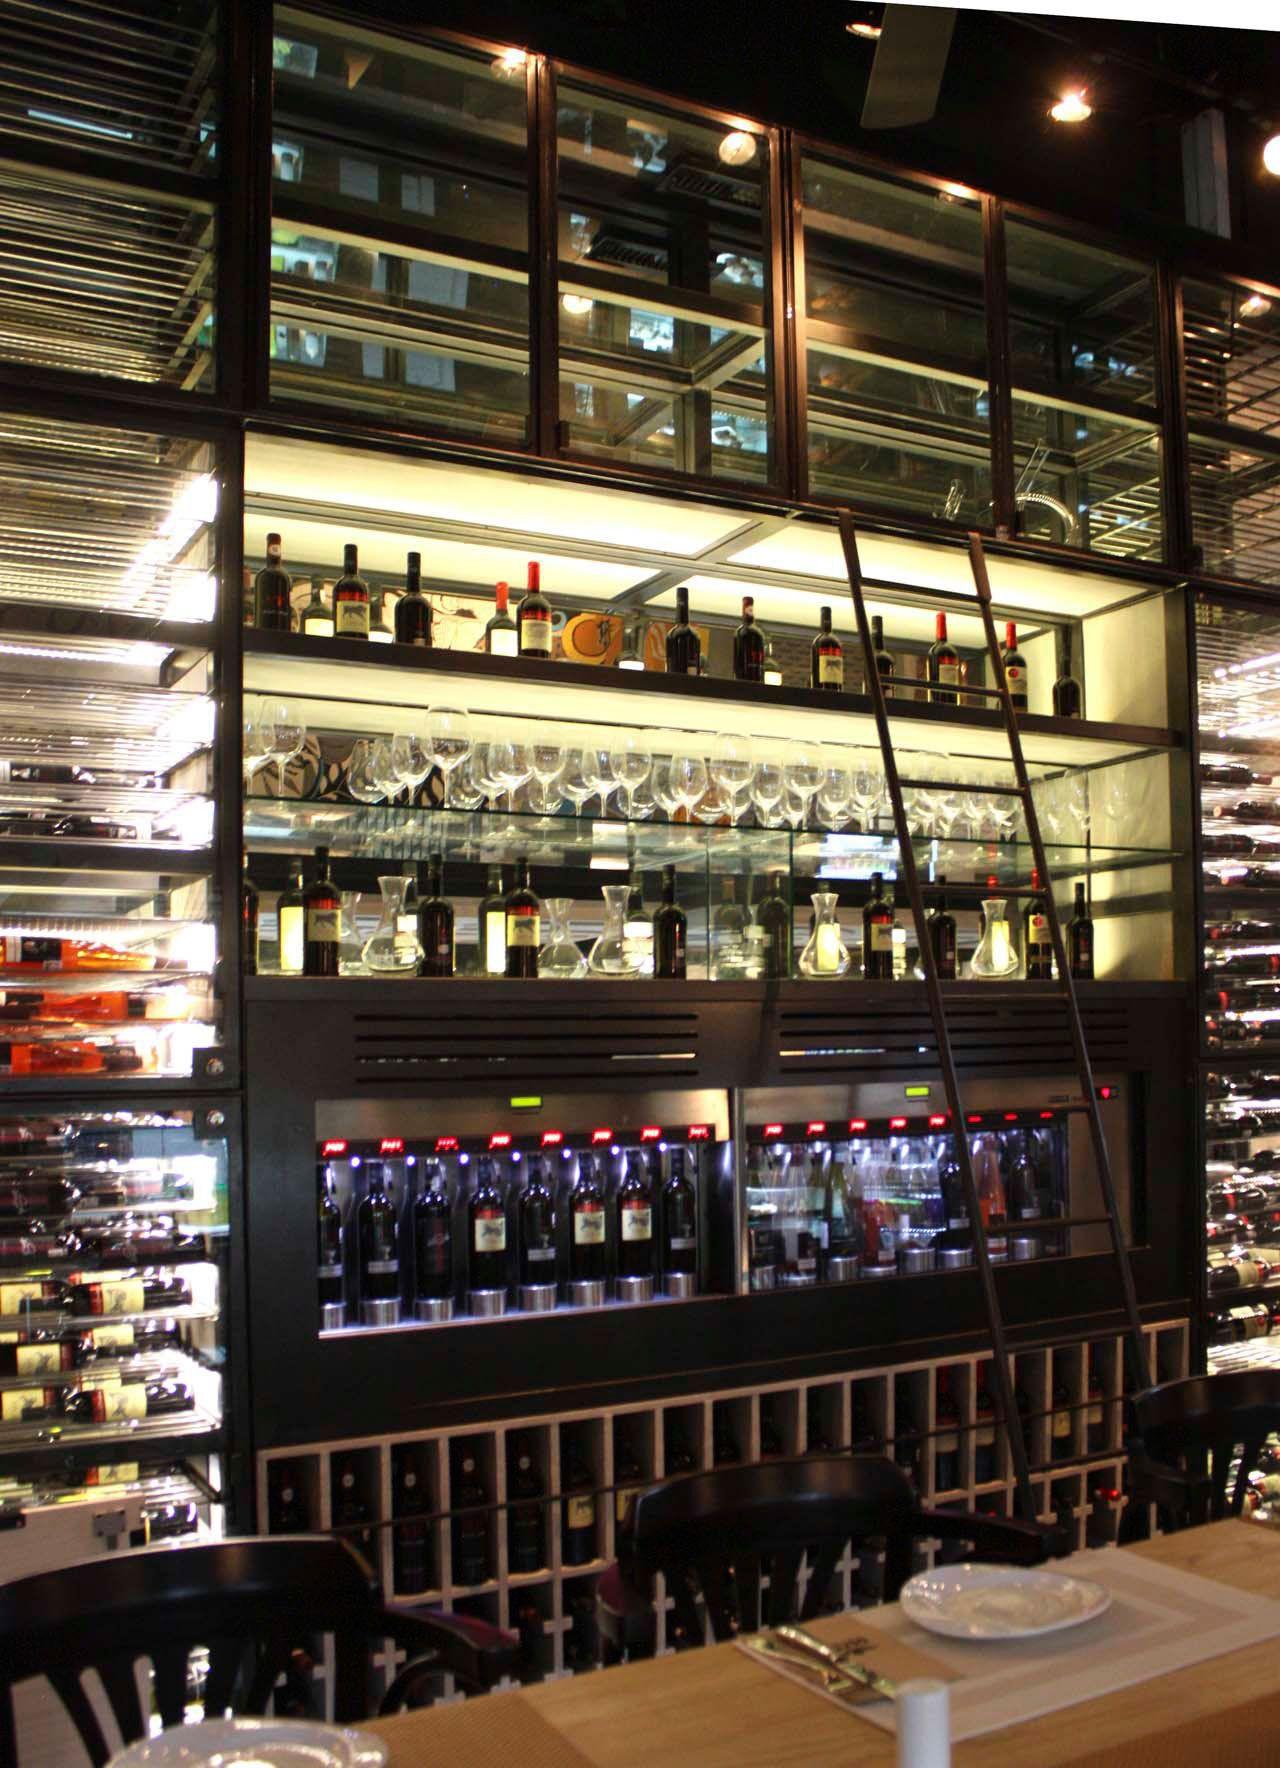 Wine Cellar Restaurant #Duvino #Wine Wwwvinoduvinocom